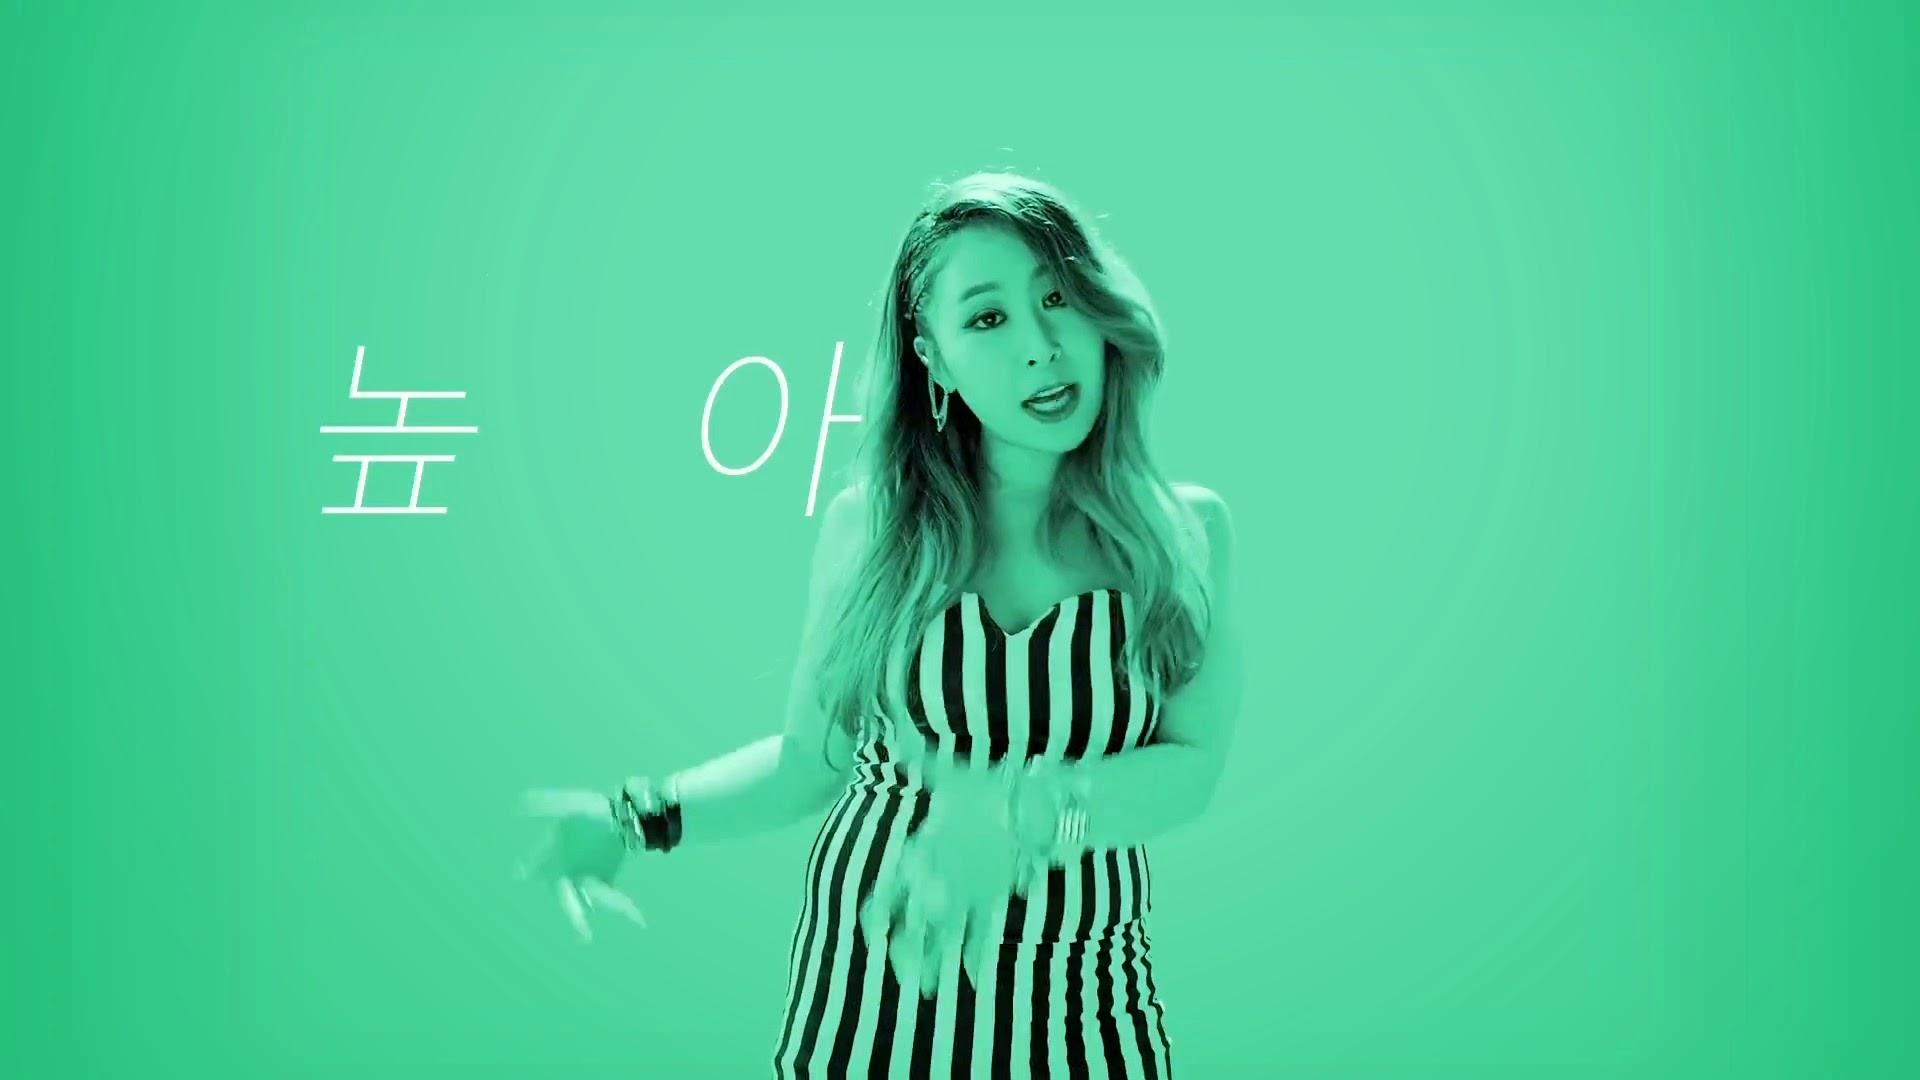 Lil Cham in Kisum x Lil Cham x Jace x Bora x Adoonga Feedback MV